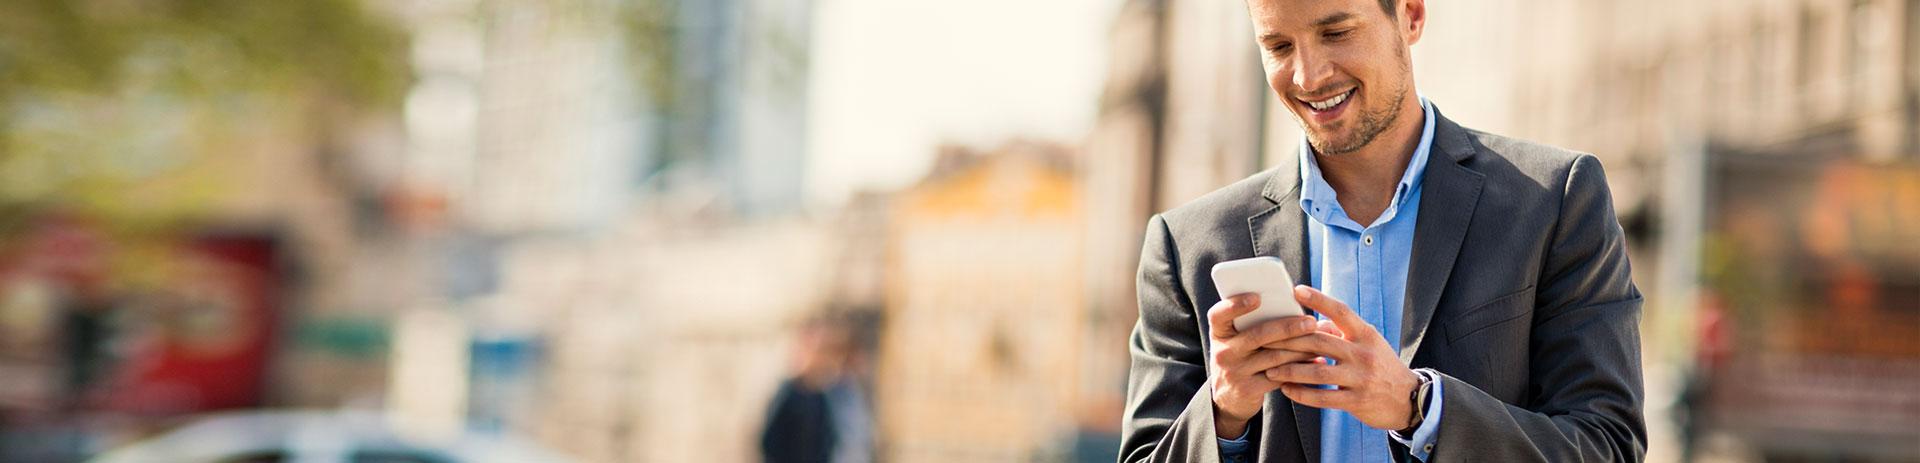 Mann im Sakko bedient Smartphone in der Stadt